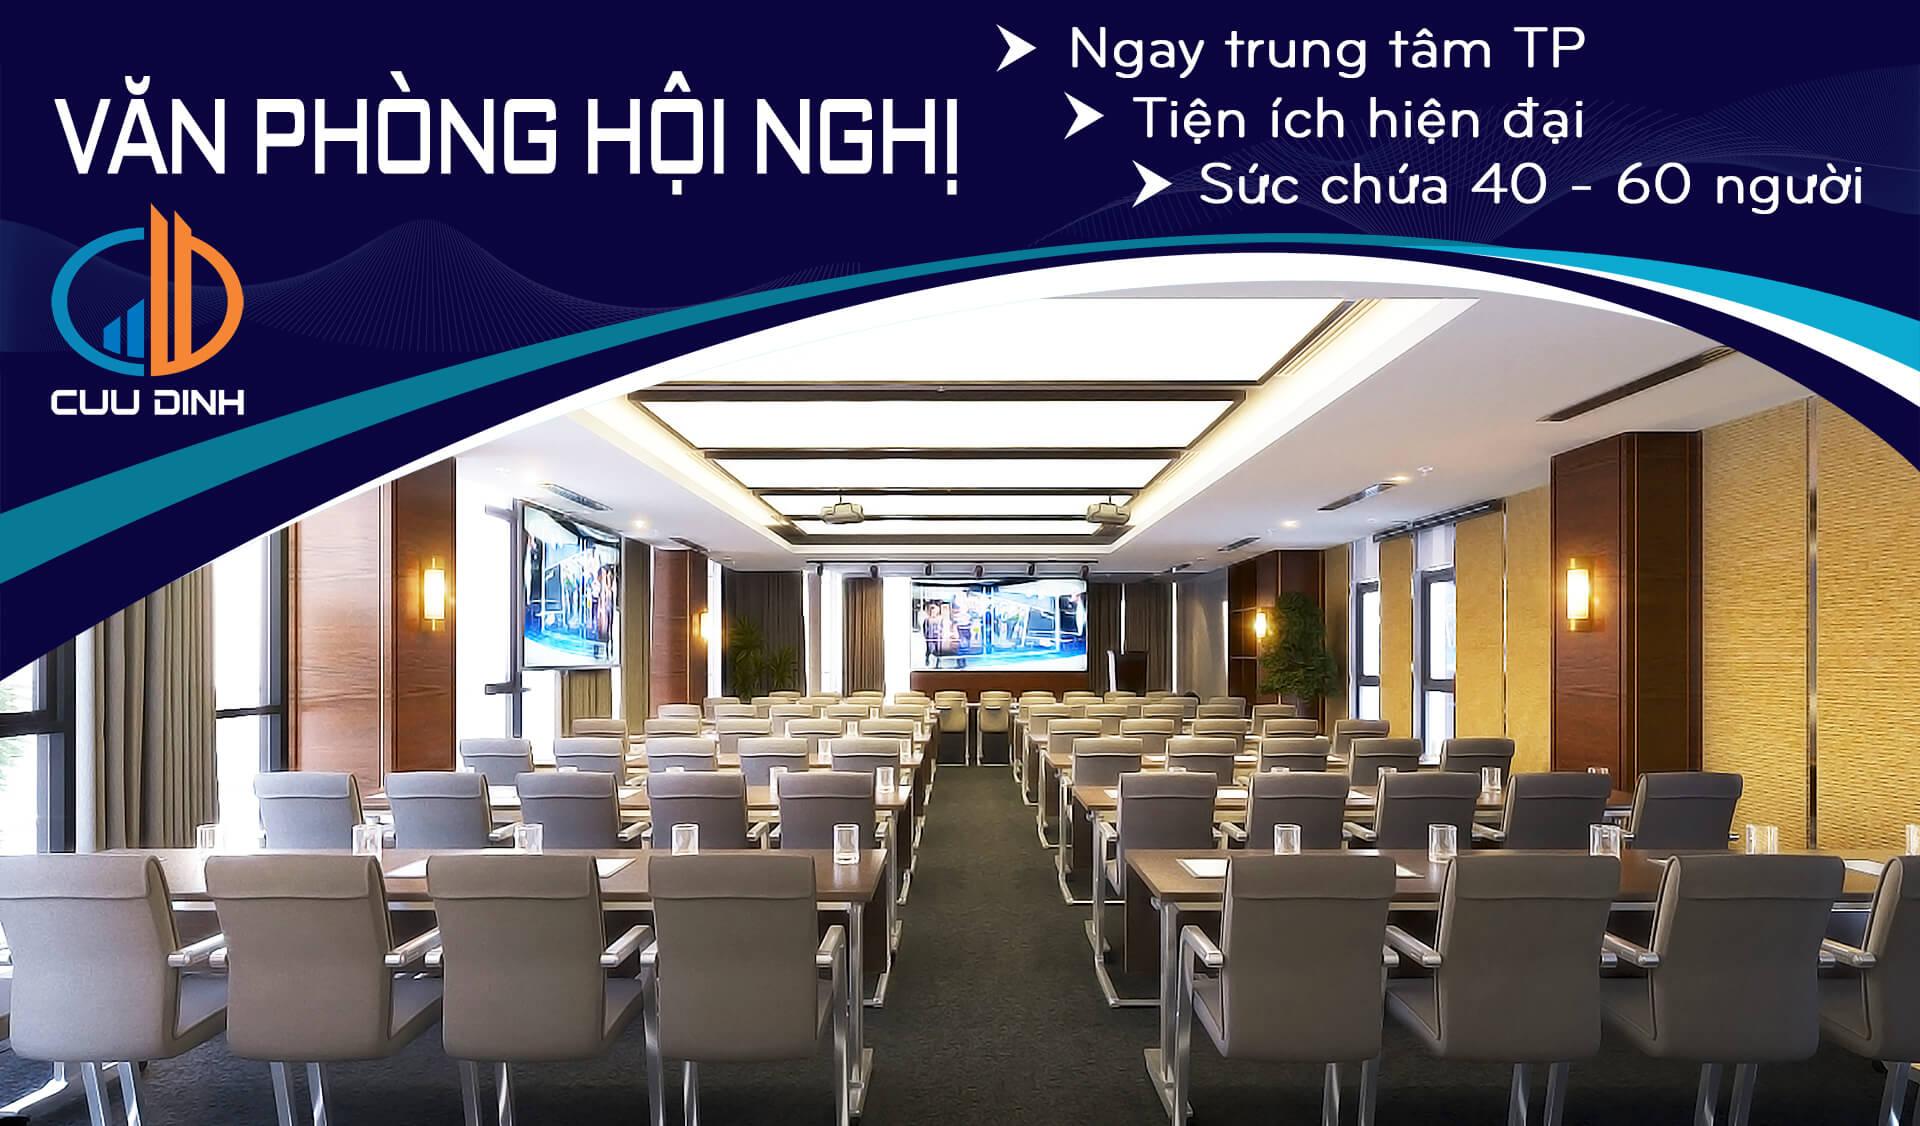 Phòng hội trường cho thuê giá ưu đãi nhất Đà Nẵng